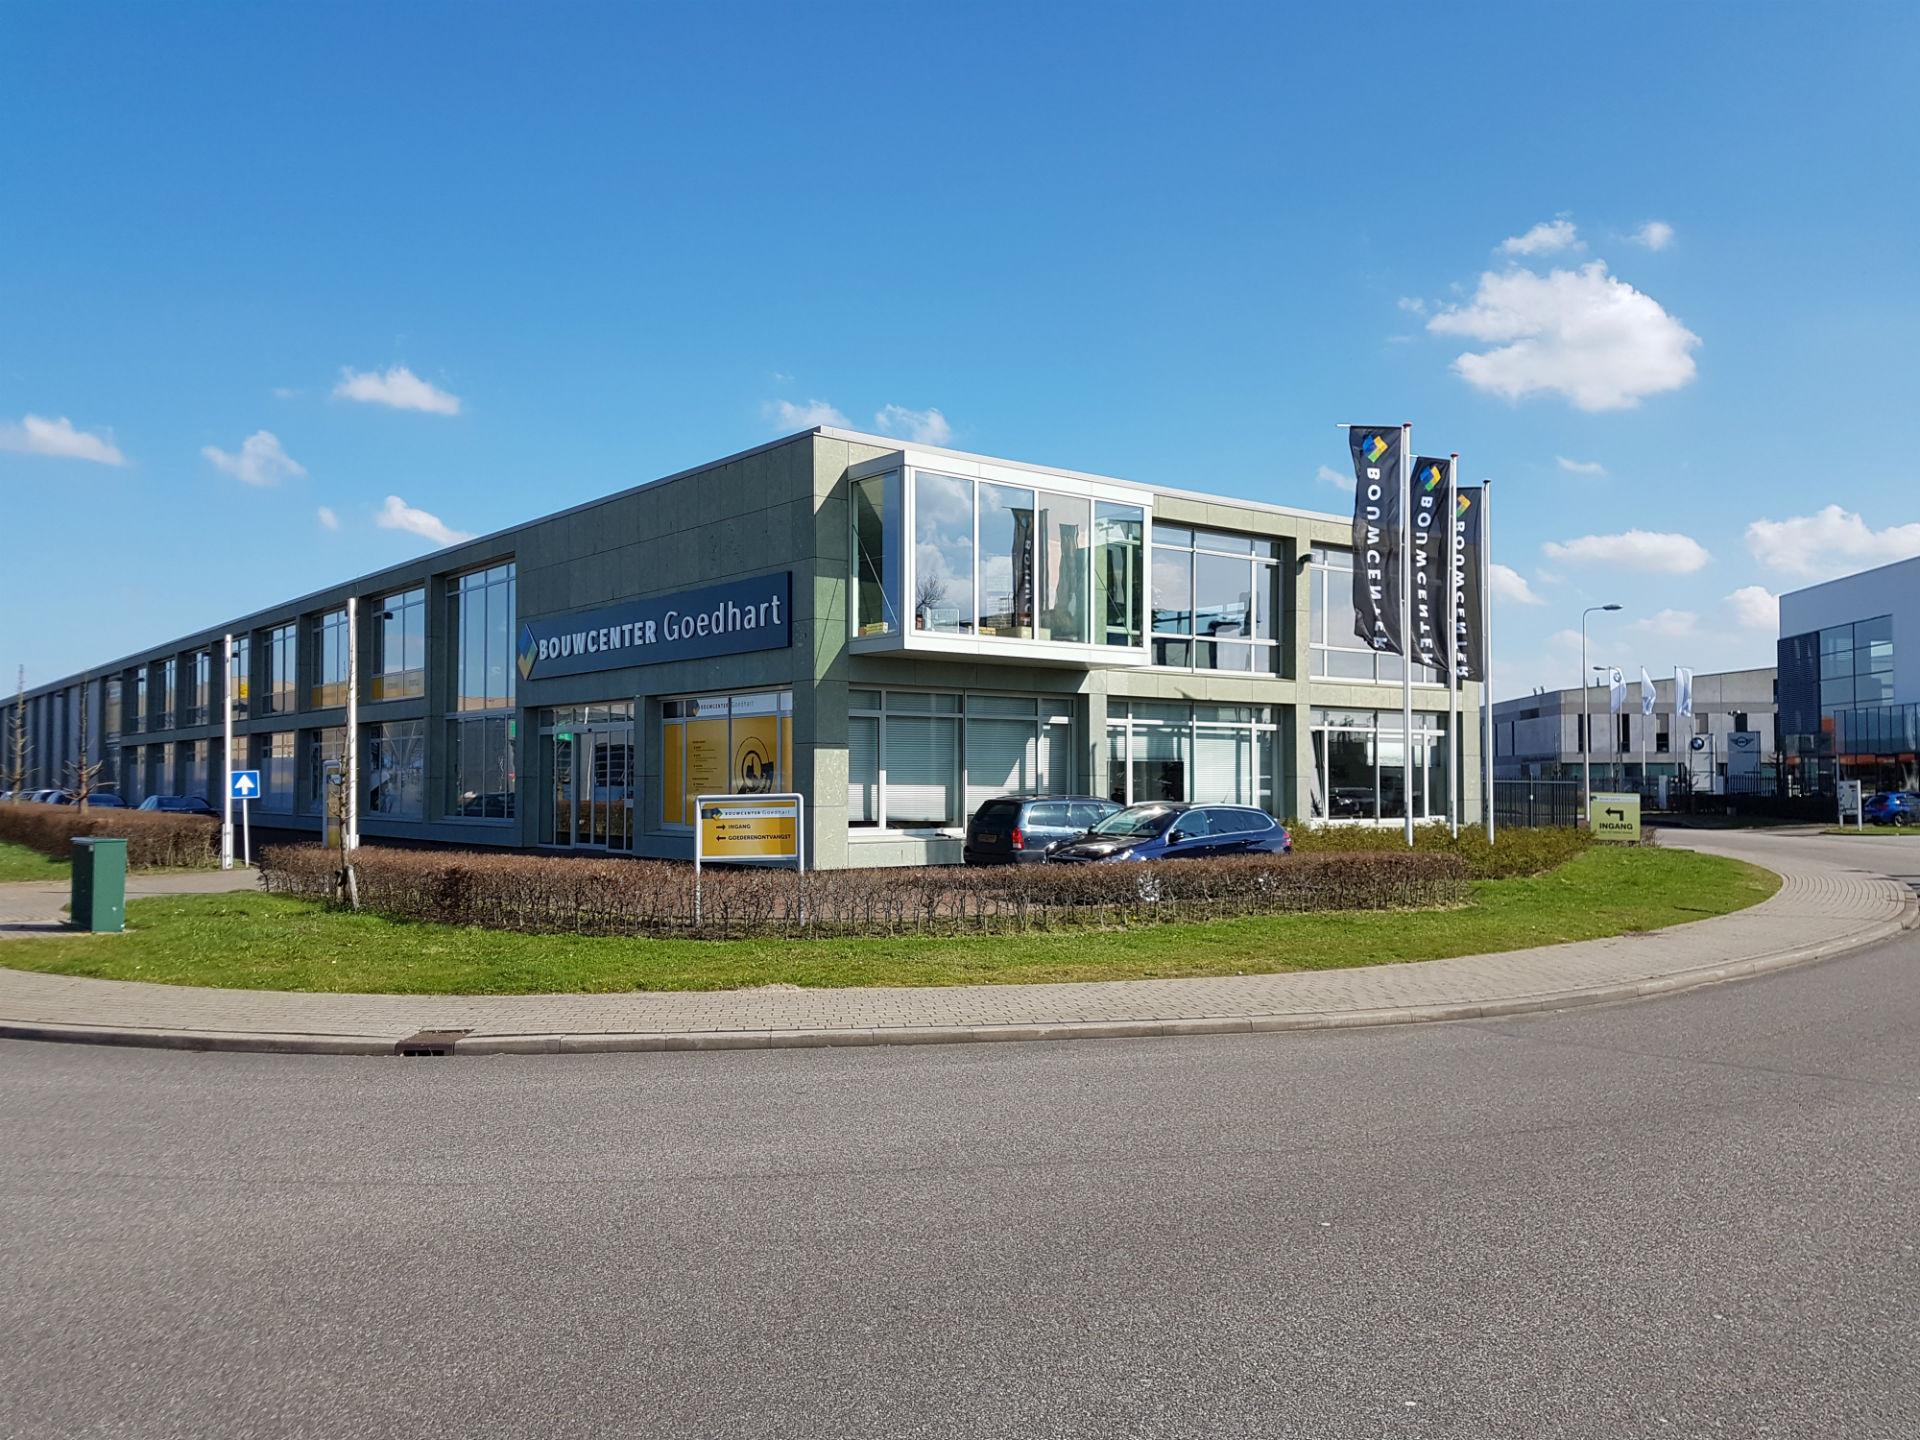 Mode Goedhart Keukens : Goedhart bouwcenter